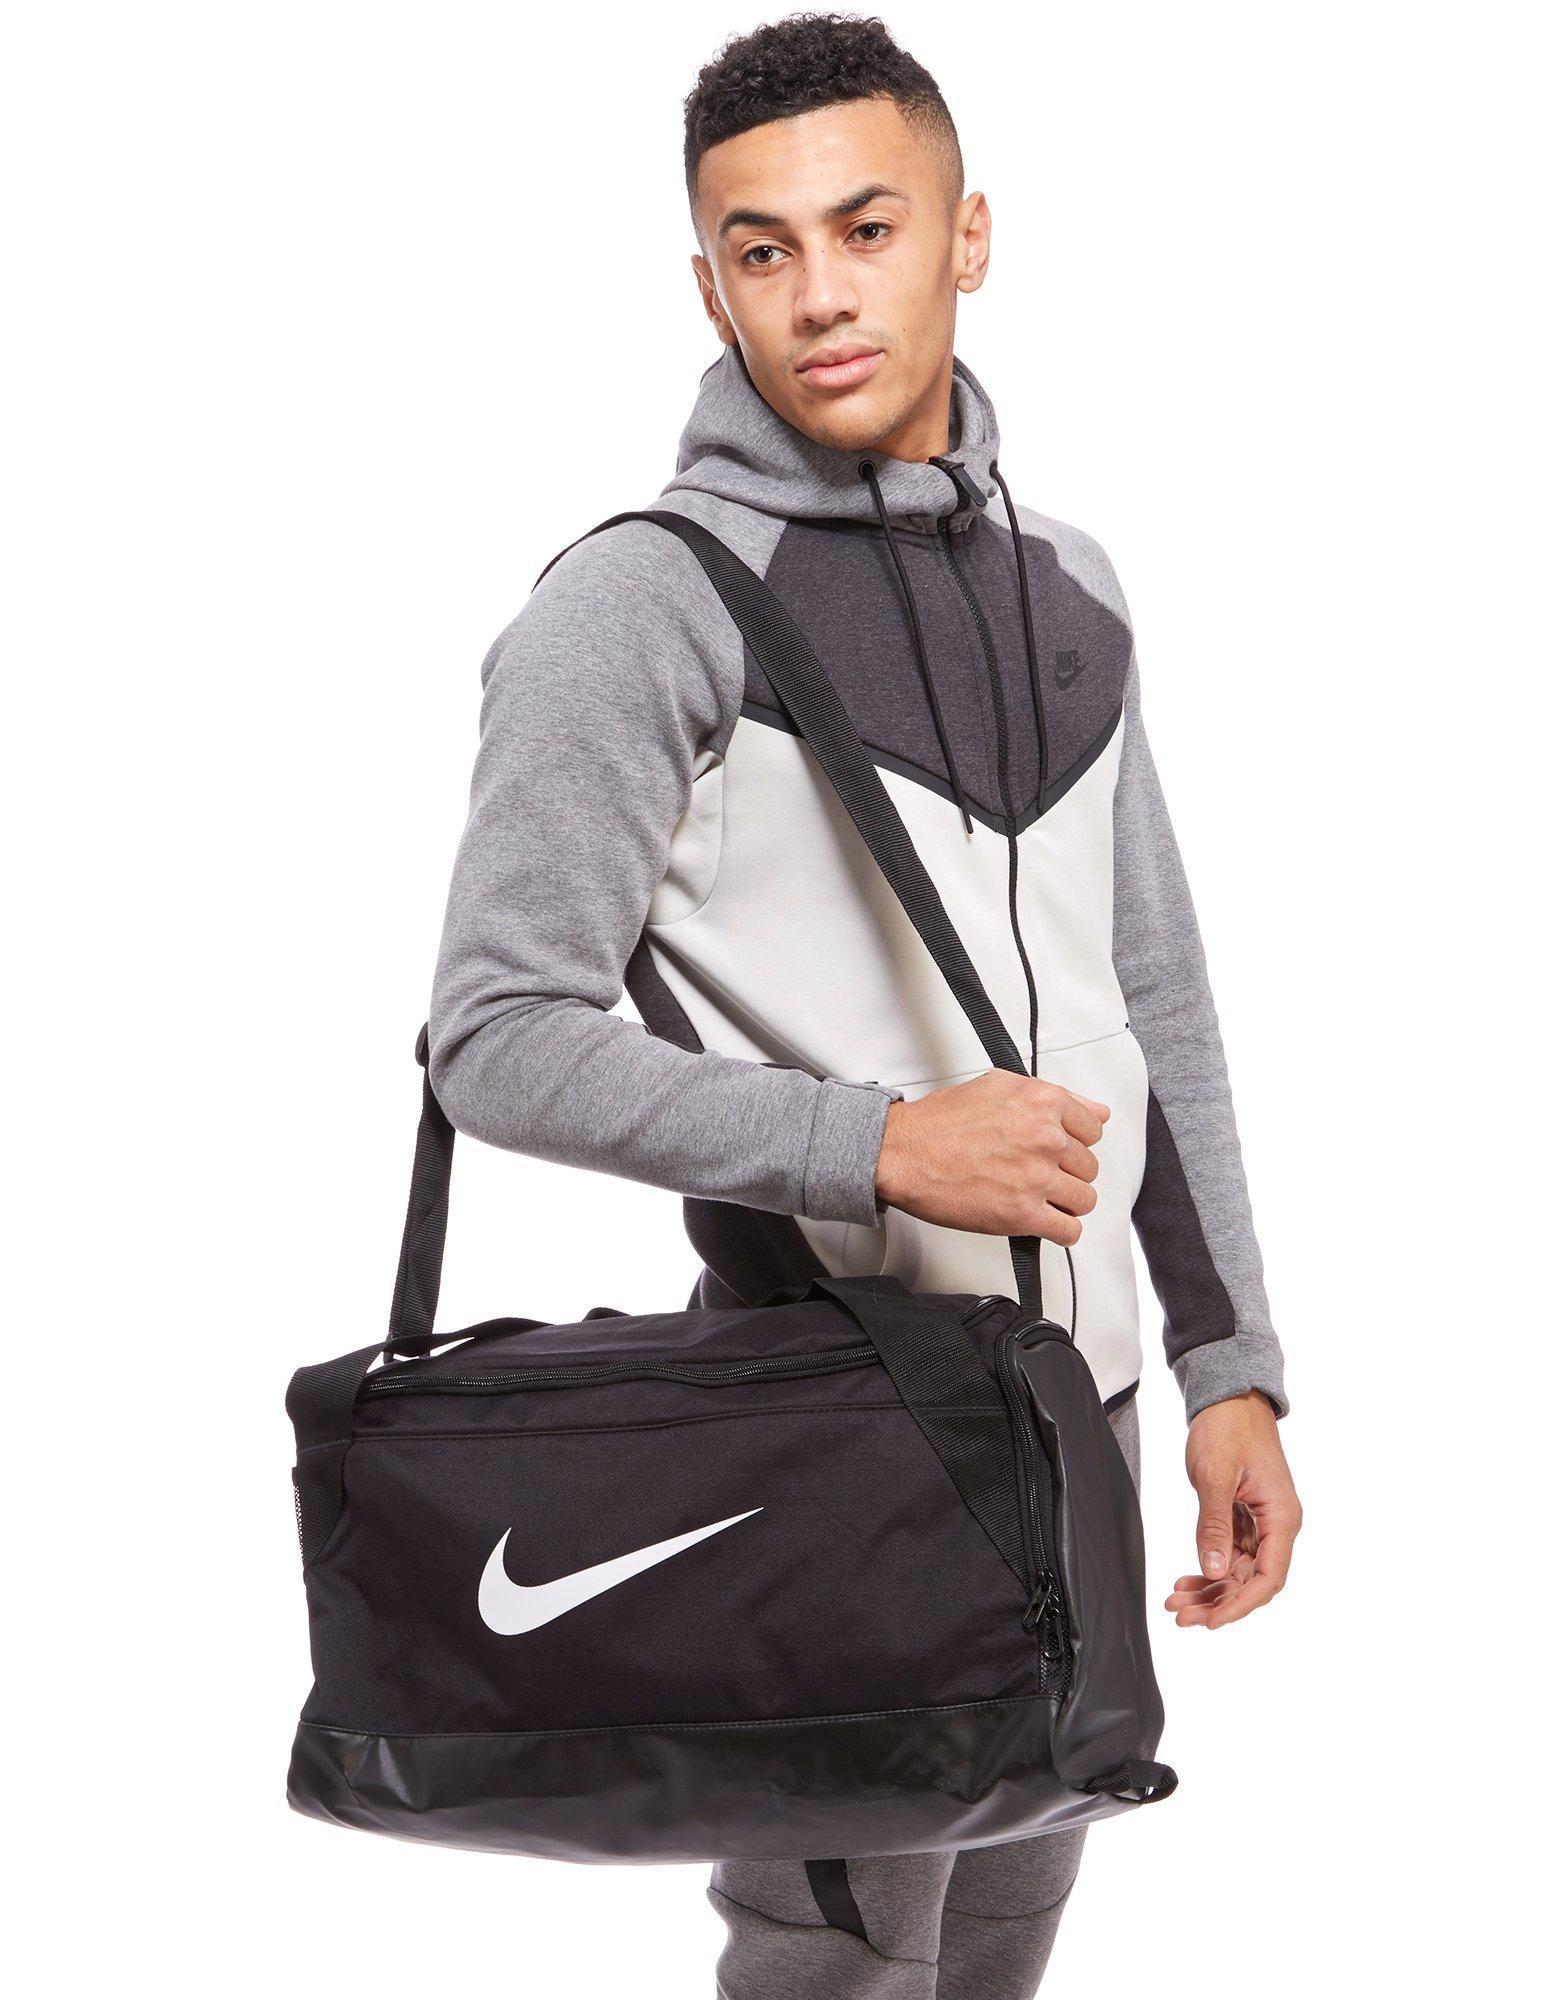 73dc6a8fc5ef Nike Brasilia Training Duffel Bag Small Blue